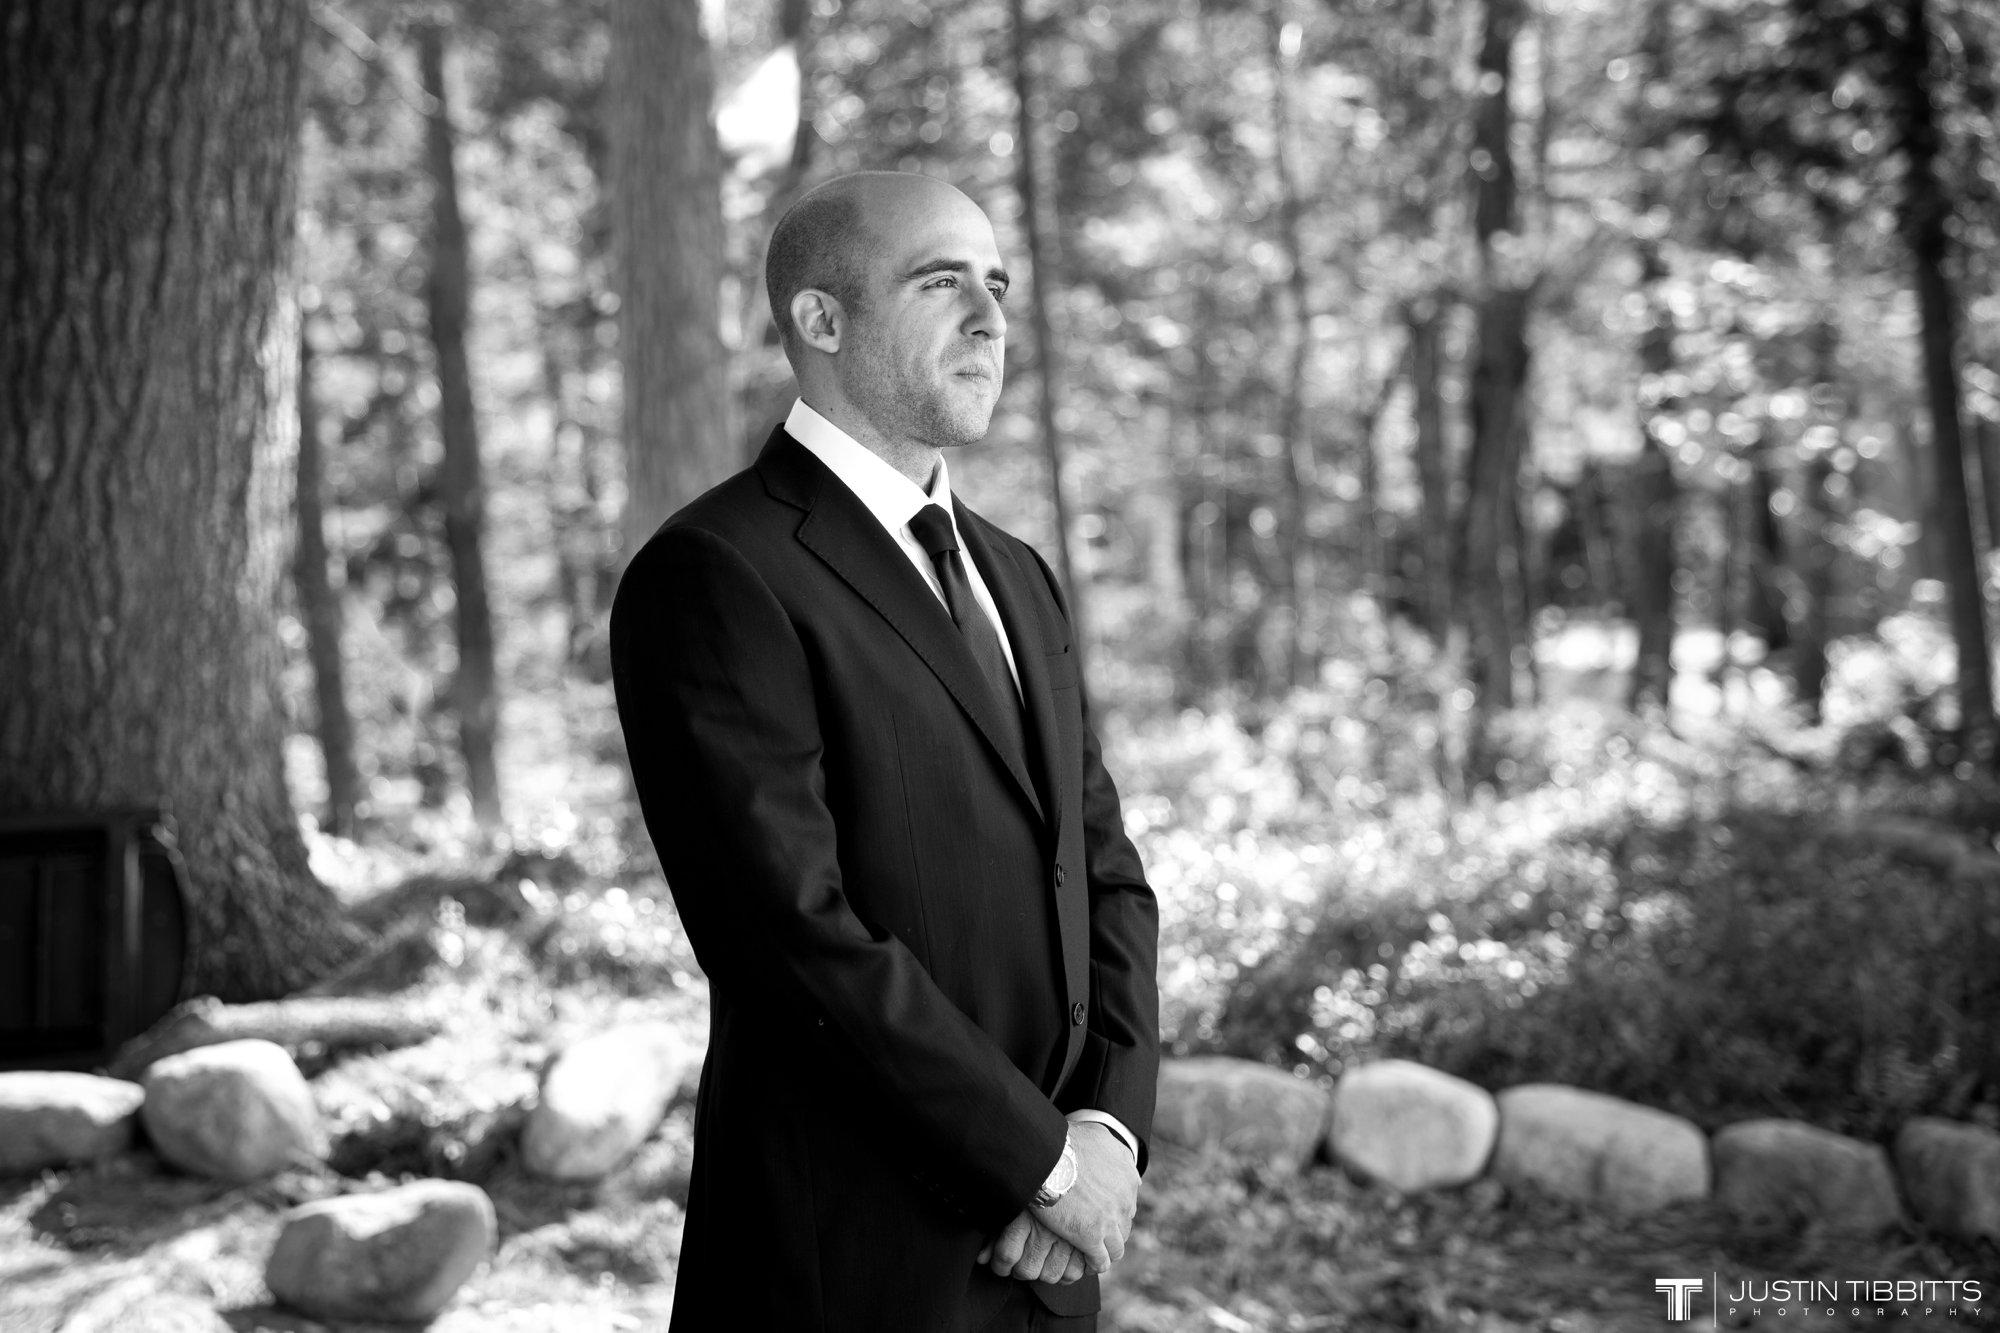 Albany NY Wedding Photographer Justin Tibbitts Photography 2014 Best of Albany NY Weddings-323428